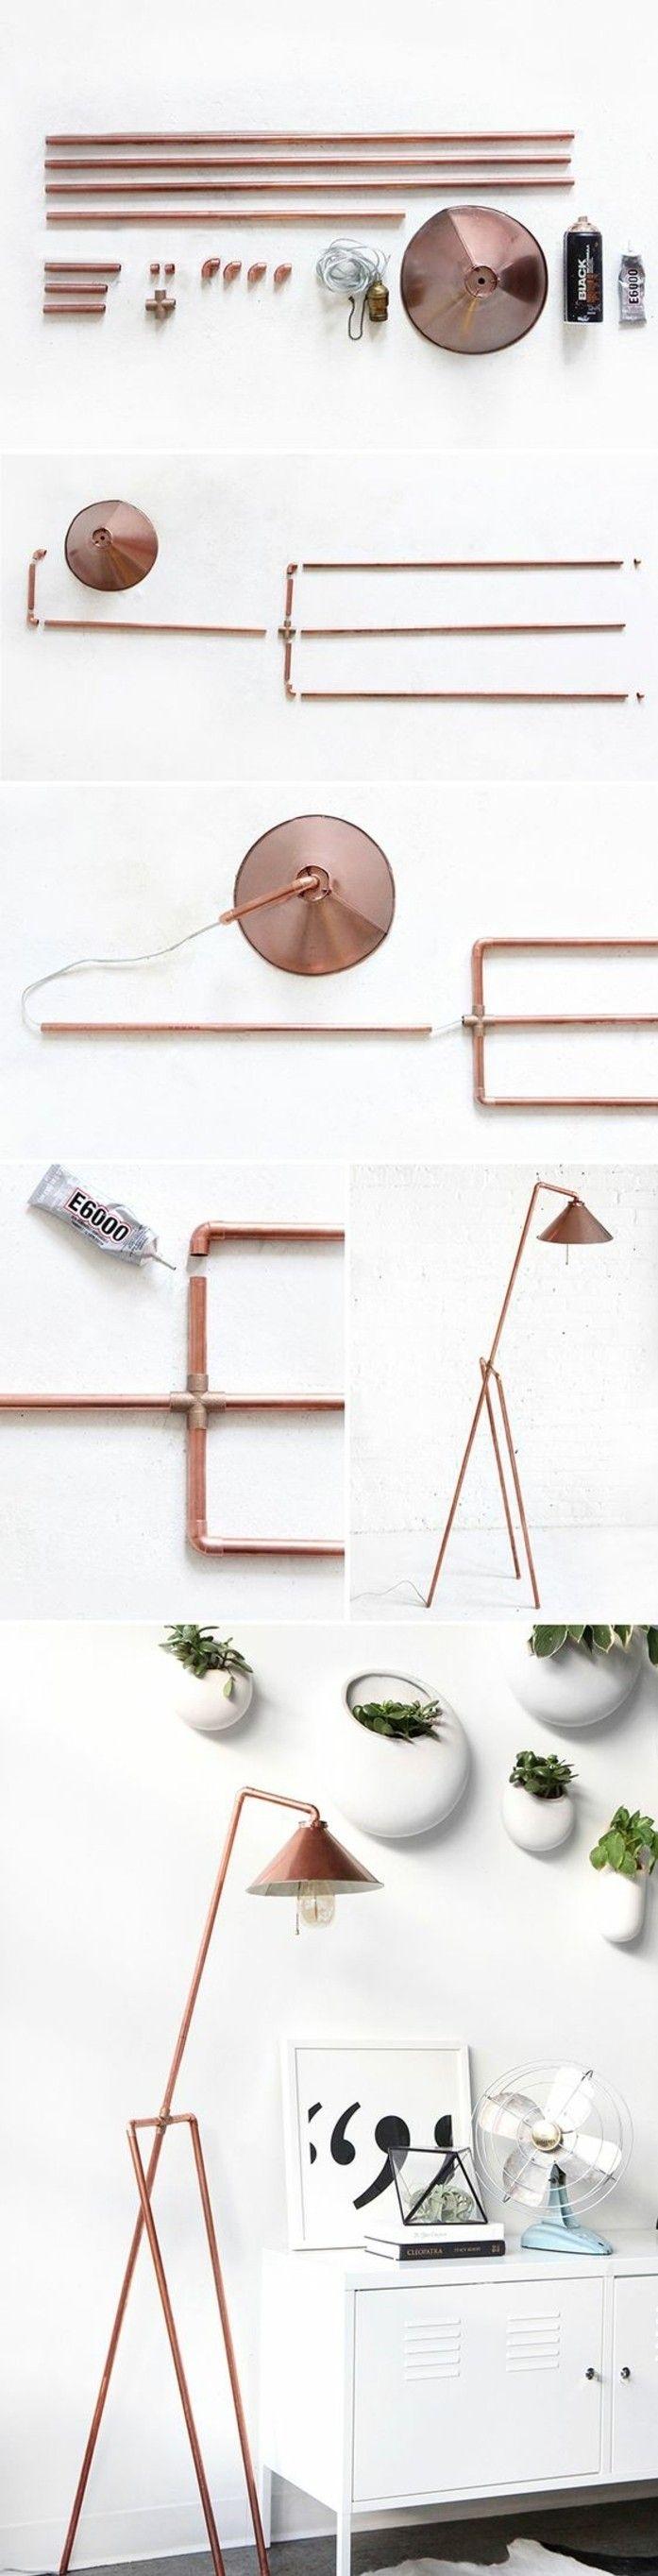 50 id es pour int grer le tube de cuivre dans votre d cor diy decoration deco et cuivre. Black Bedroom Furniture Sets. Home Design Ideas